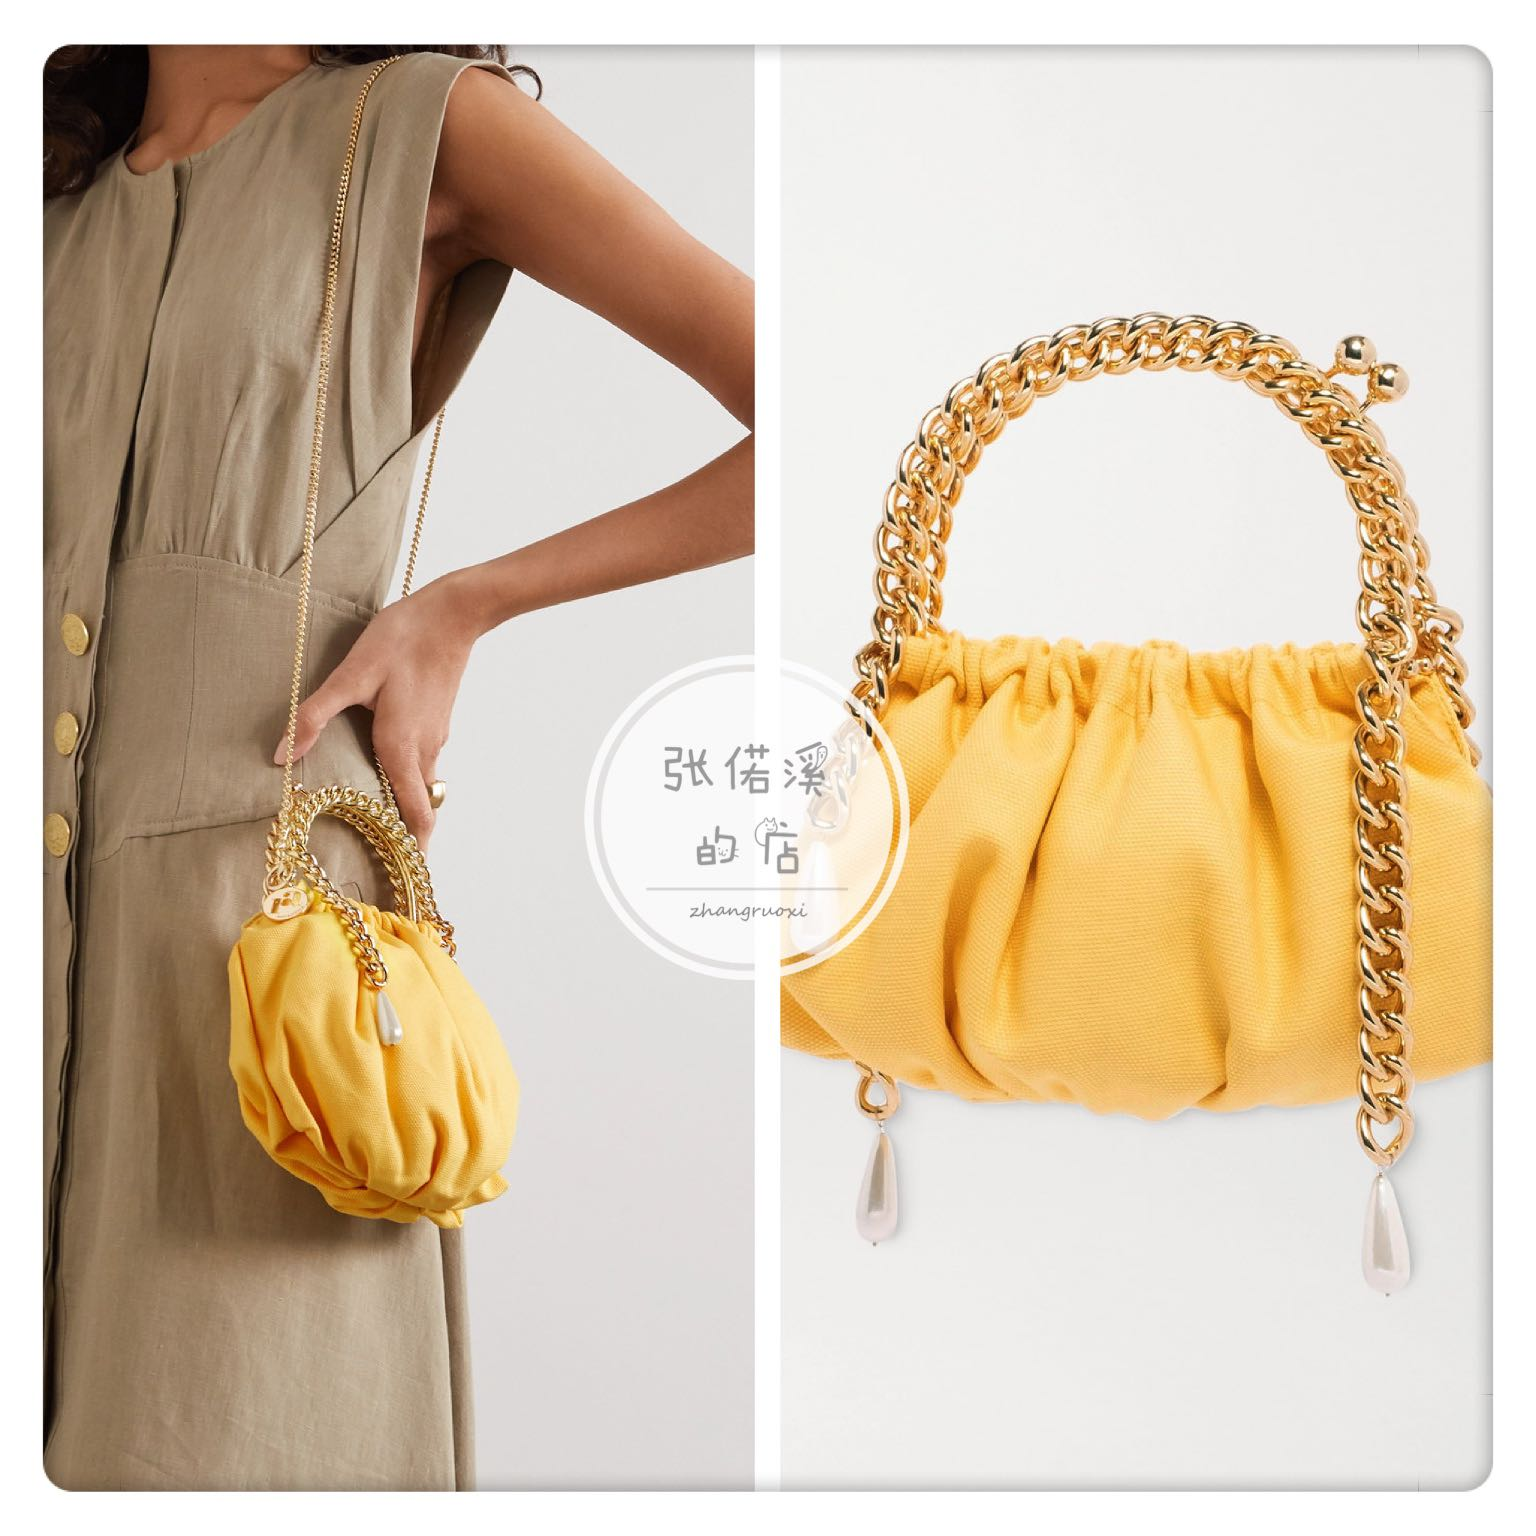 黄色链条包 特卖Rosantica 黄色人造珍珠装饰链条手提包 单肩斜挎云朵包_推荐淘宝好看的黄色链条包